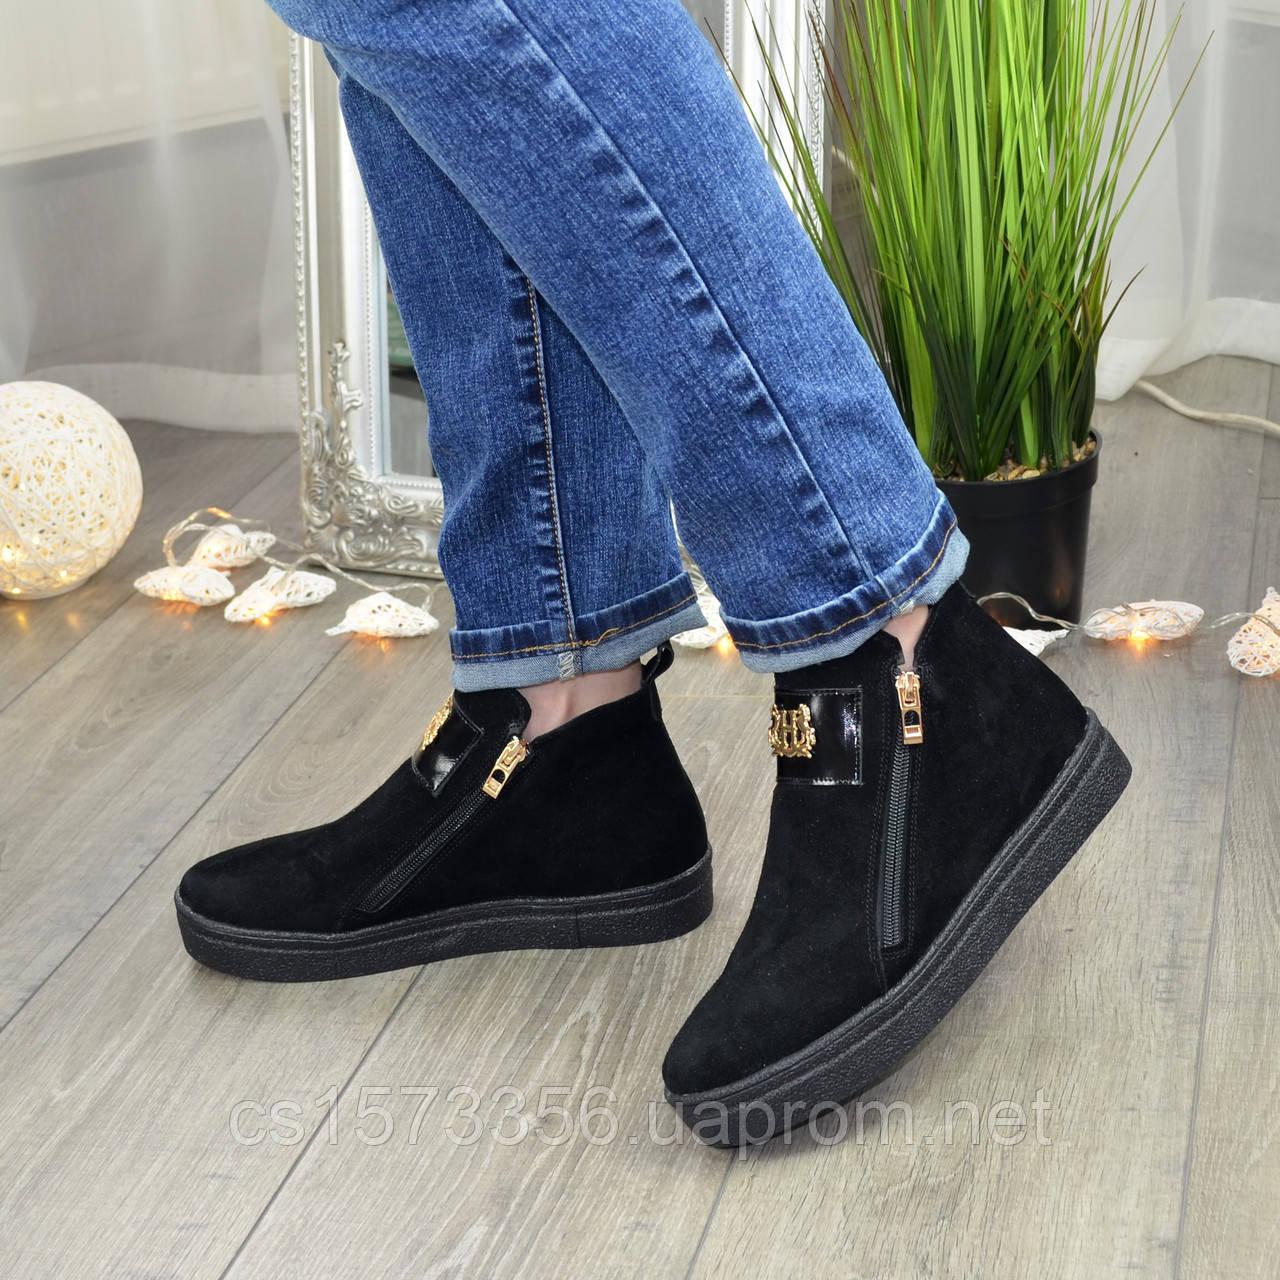 Демісезонні жіночі замшеві чорні черевики на товстій підошві, декоровані фурнітурою